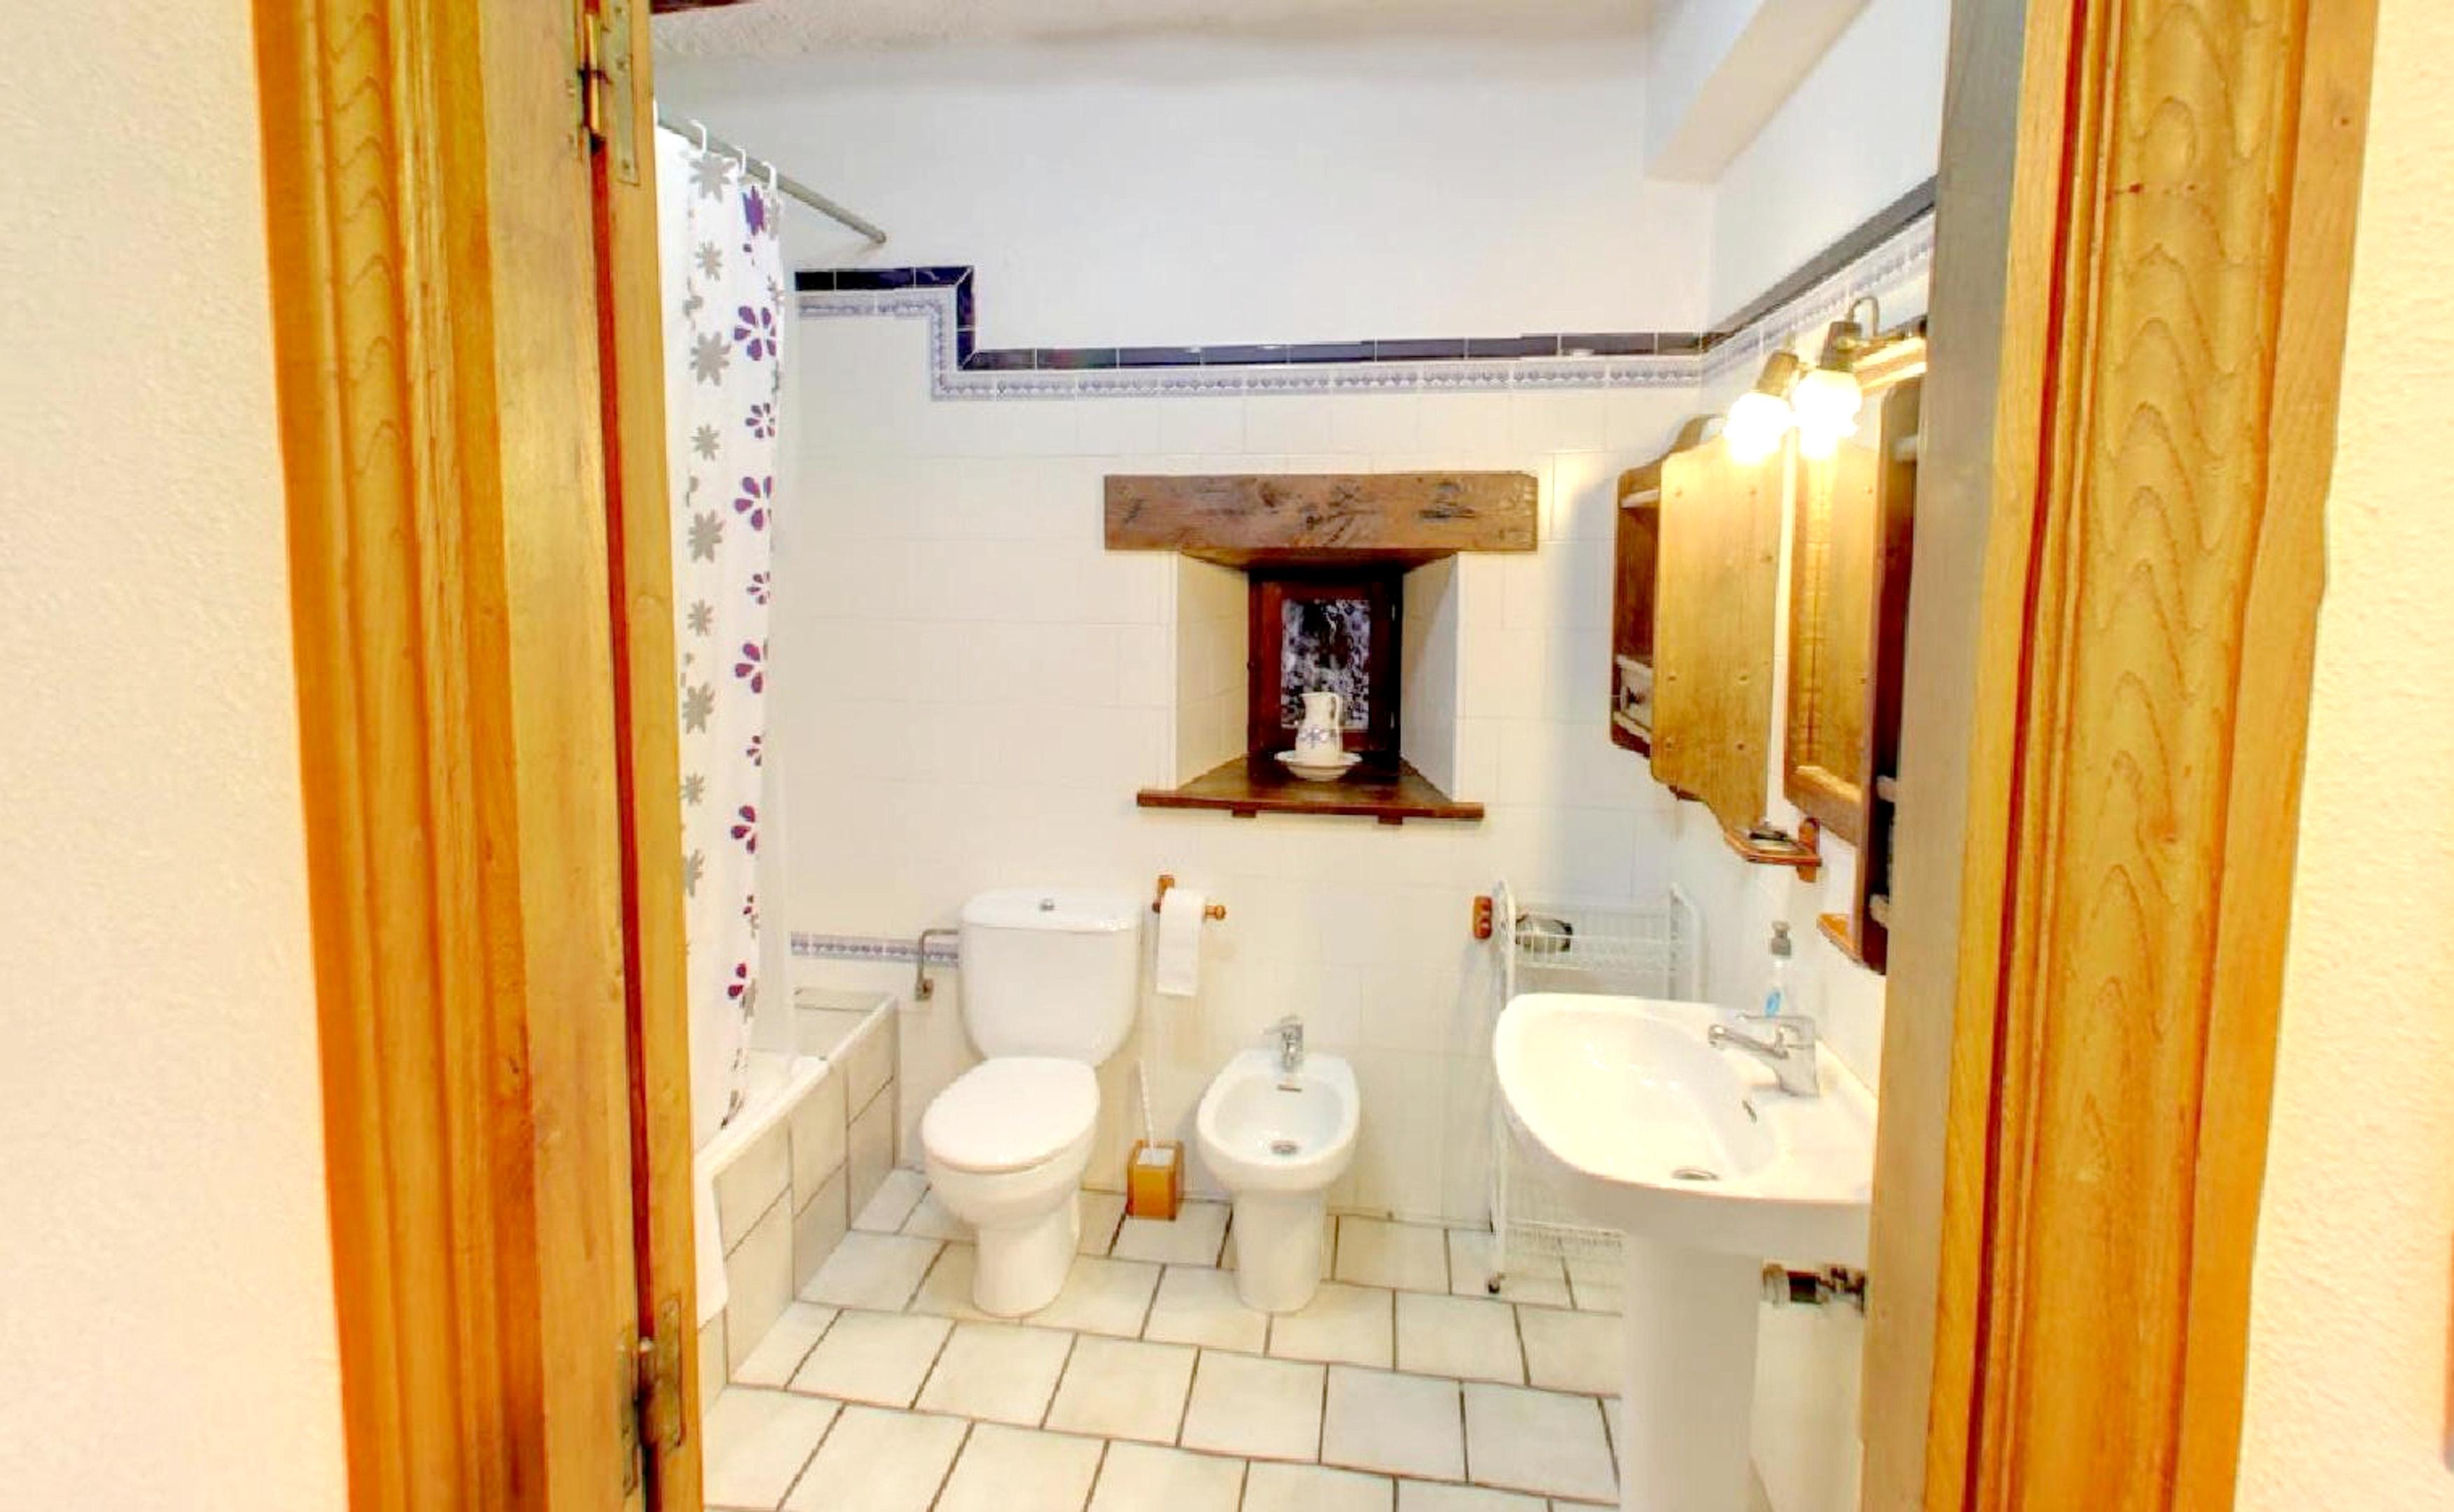 Ferienhaus Haus mit 6 Schlafzimmern in Lizaso mit eingezäuntem Garten und W-LAN - 500 m vom Strand en (2599807), Lizaso, , Navarra, Spanien, Bild 14